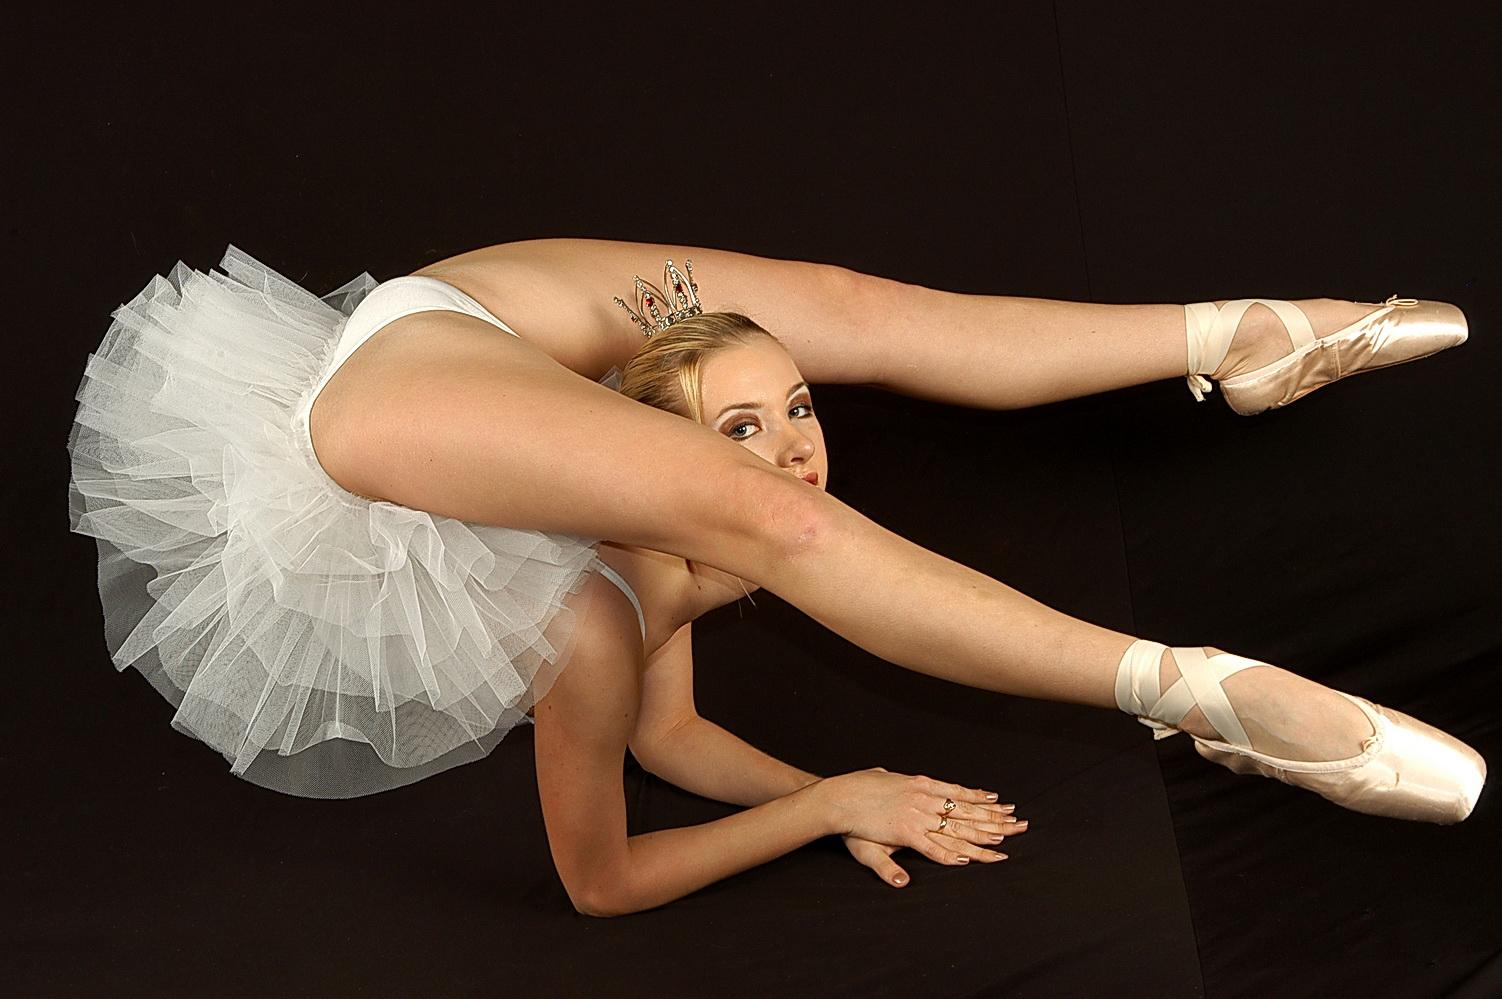 Балерины фотографии голые было